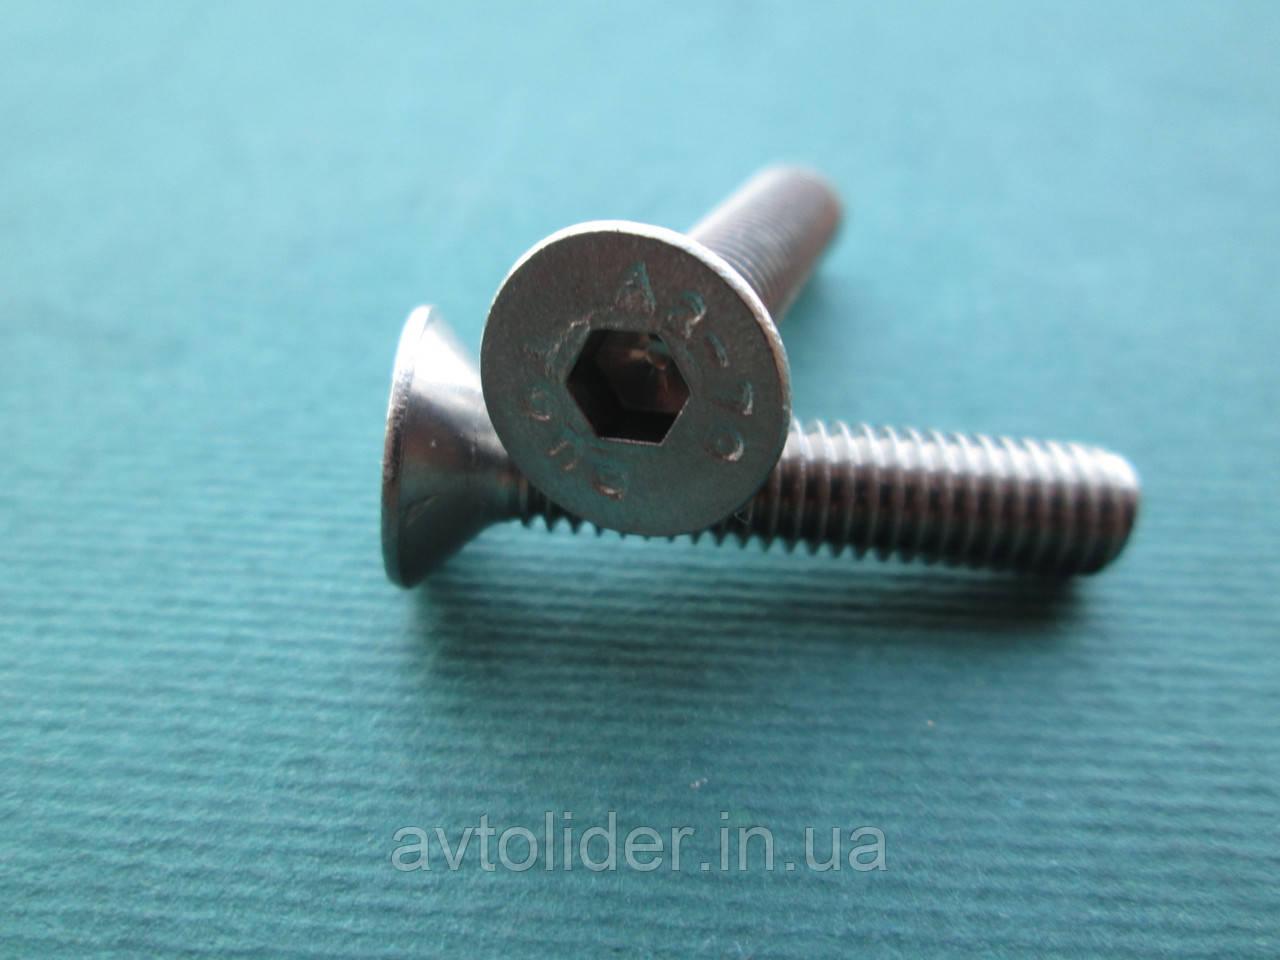 DIN 7991 (ISO 10642) : нержавеющий винт с потайной головкой и внутренним шестигранником